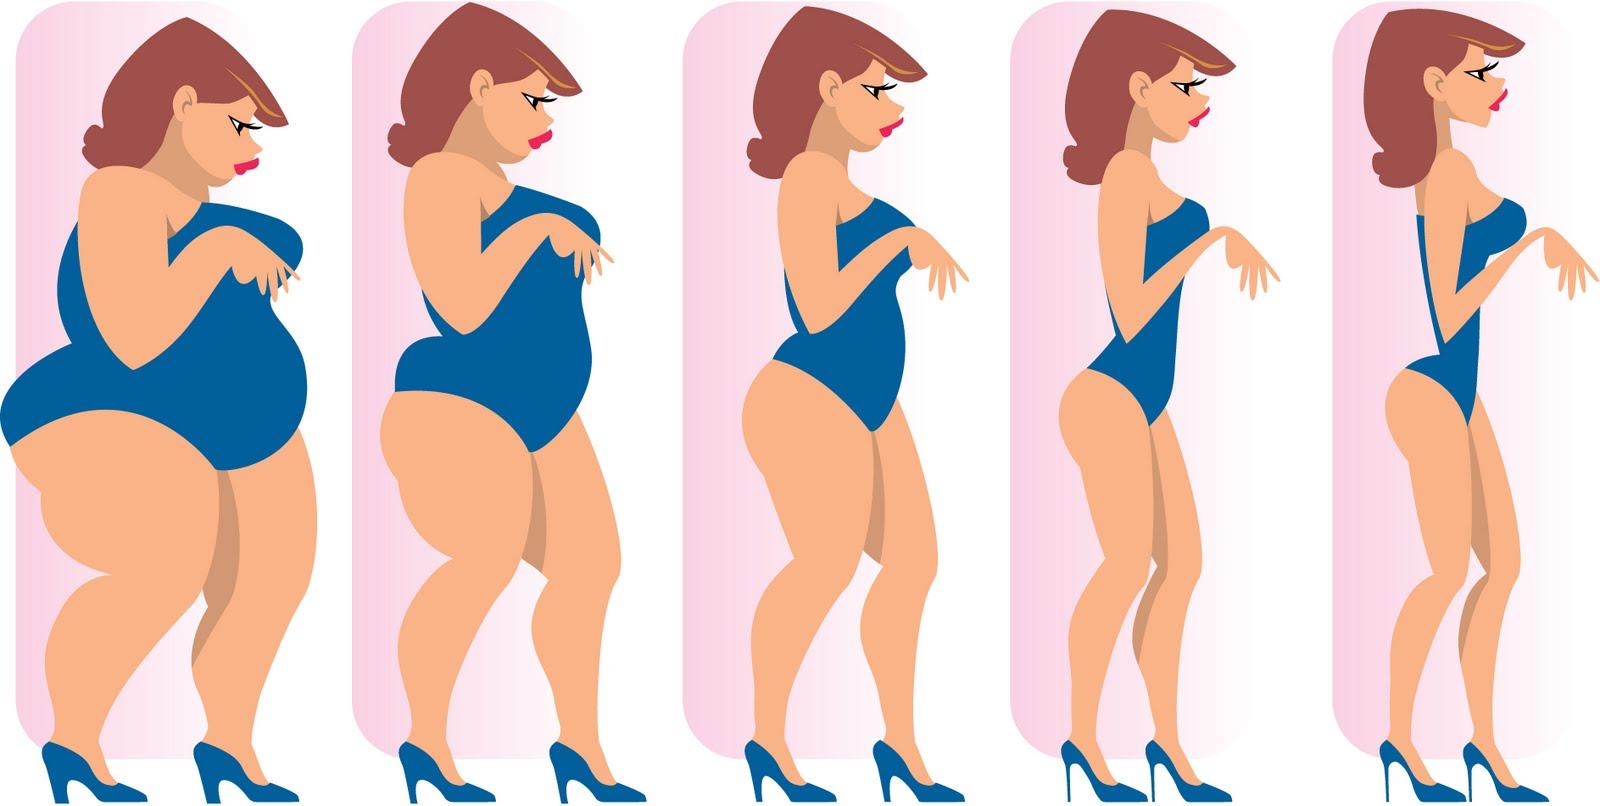 zsírvesztés következik be hogyan lehet gyorsan elveszíteni a testzsíromat